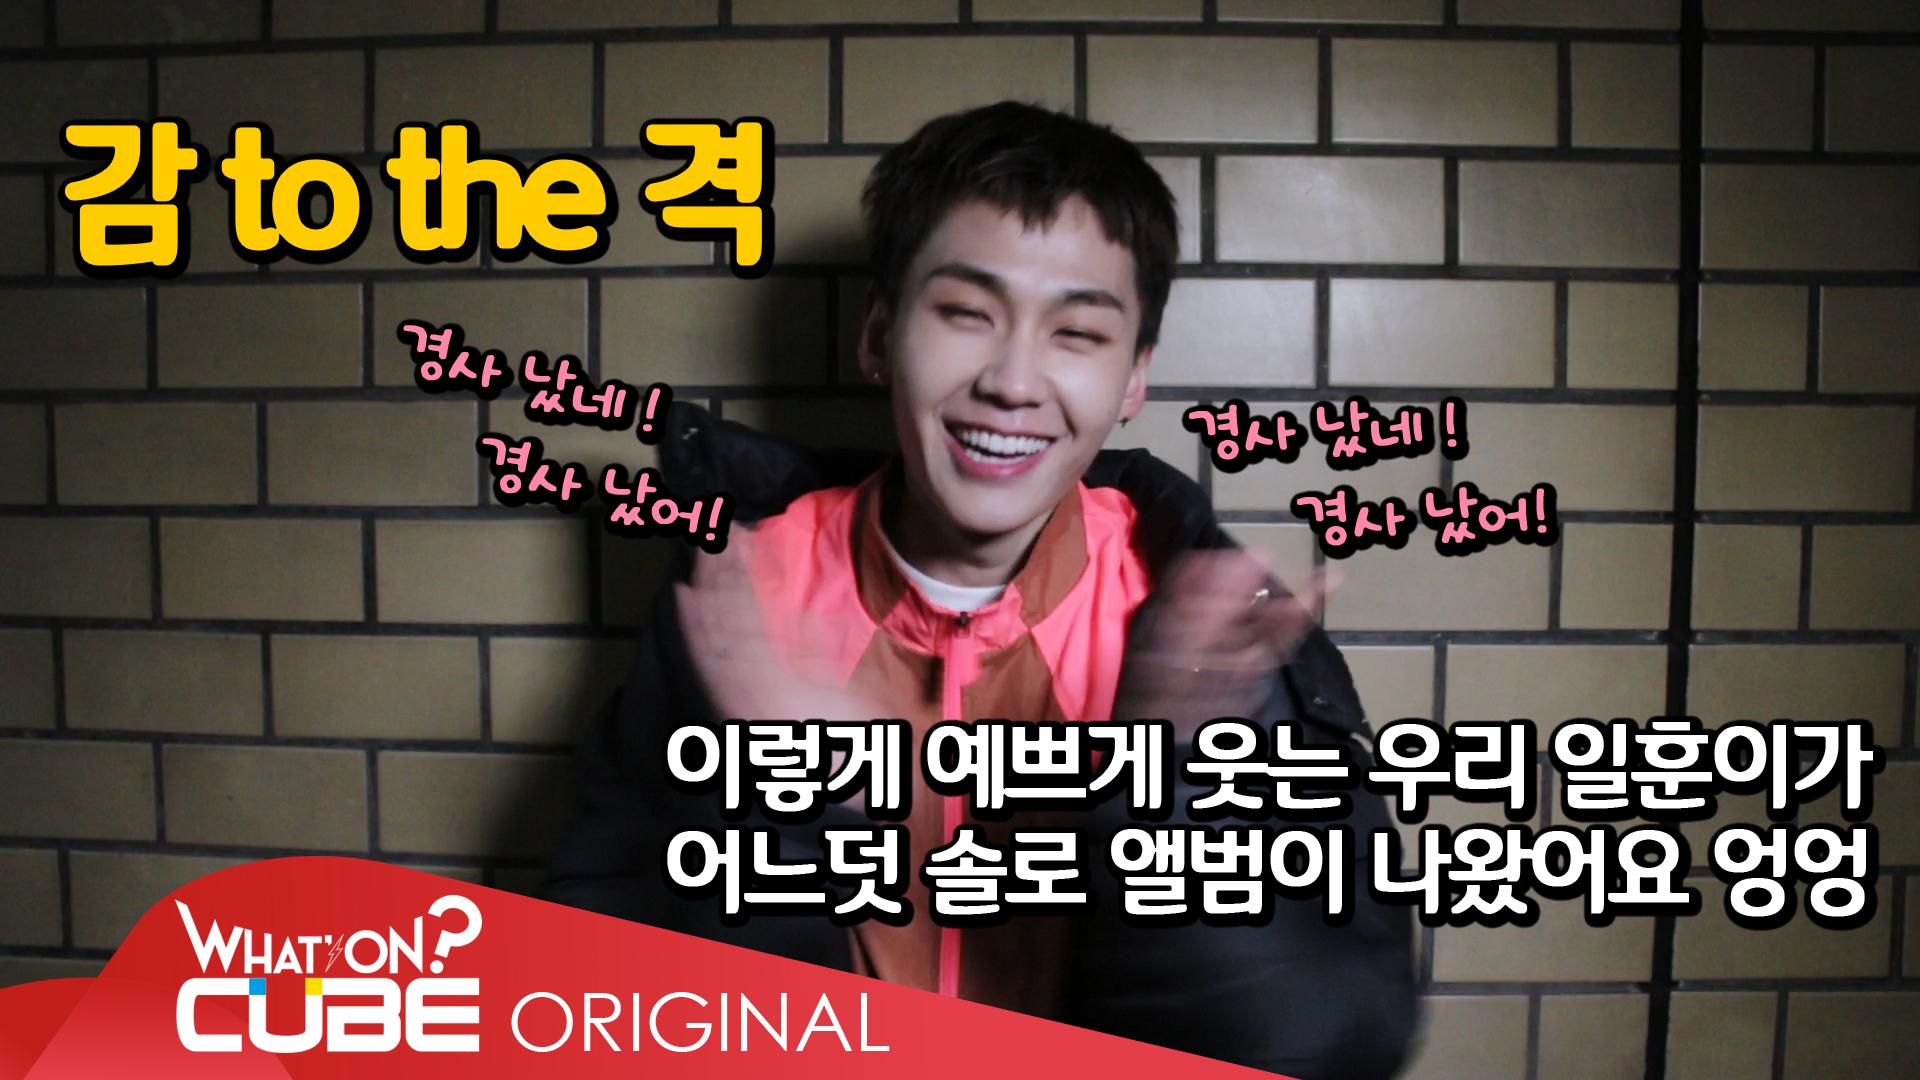 정일훈 - 1st Mini Album [Big wave] 재킷 촬영 현장 비하인드